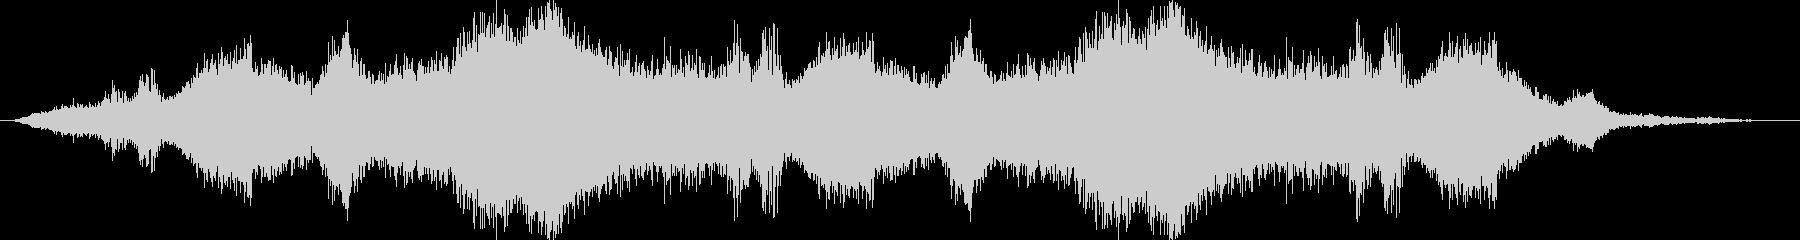 ドローン ドップラー風01の未再生の波形